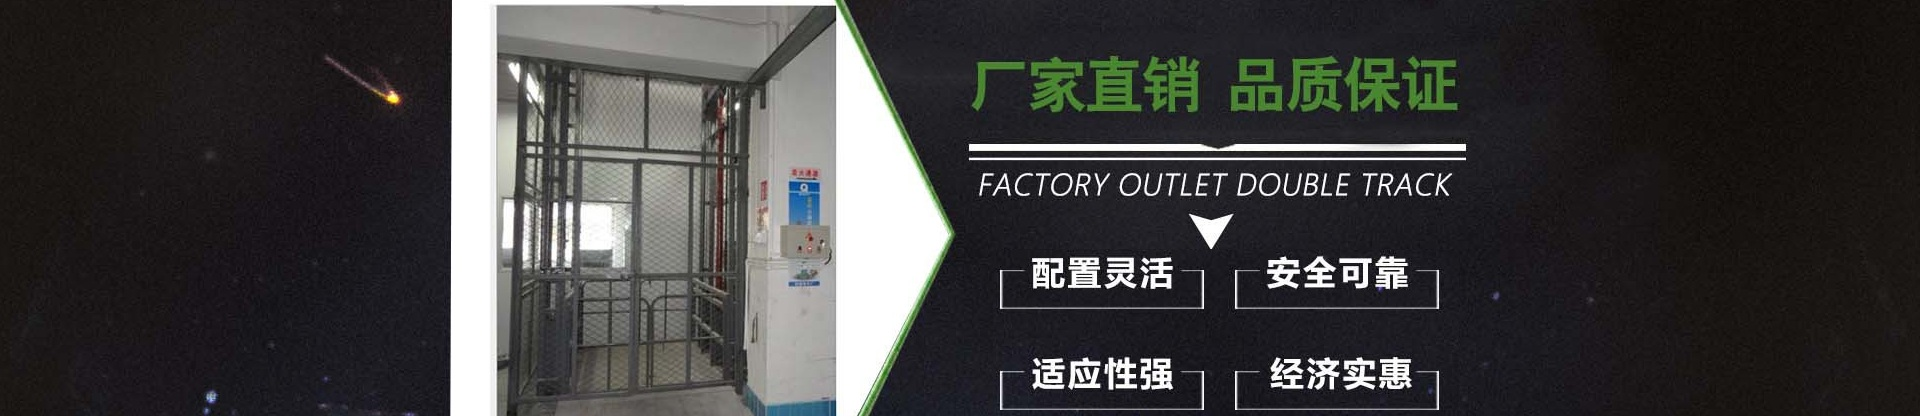 广州佰旺升降机械有限公司